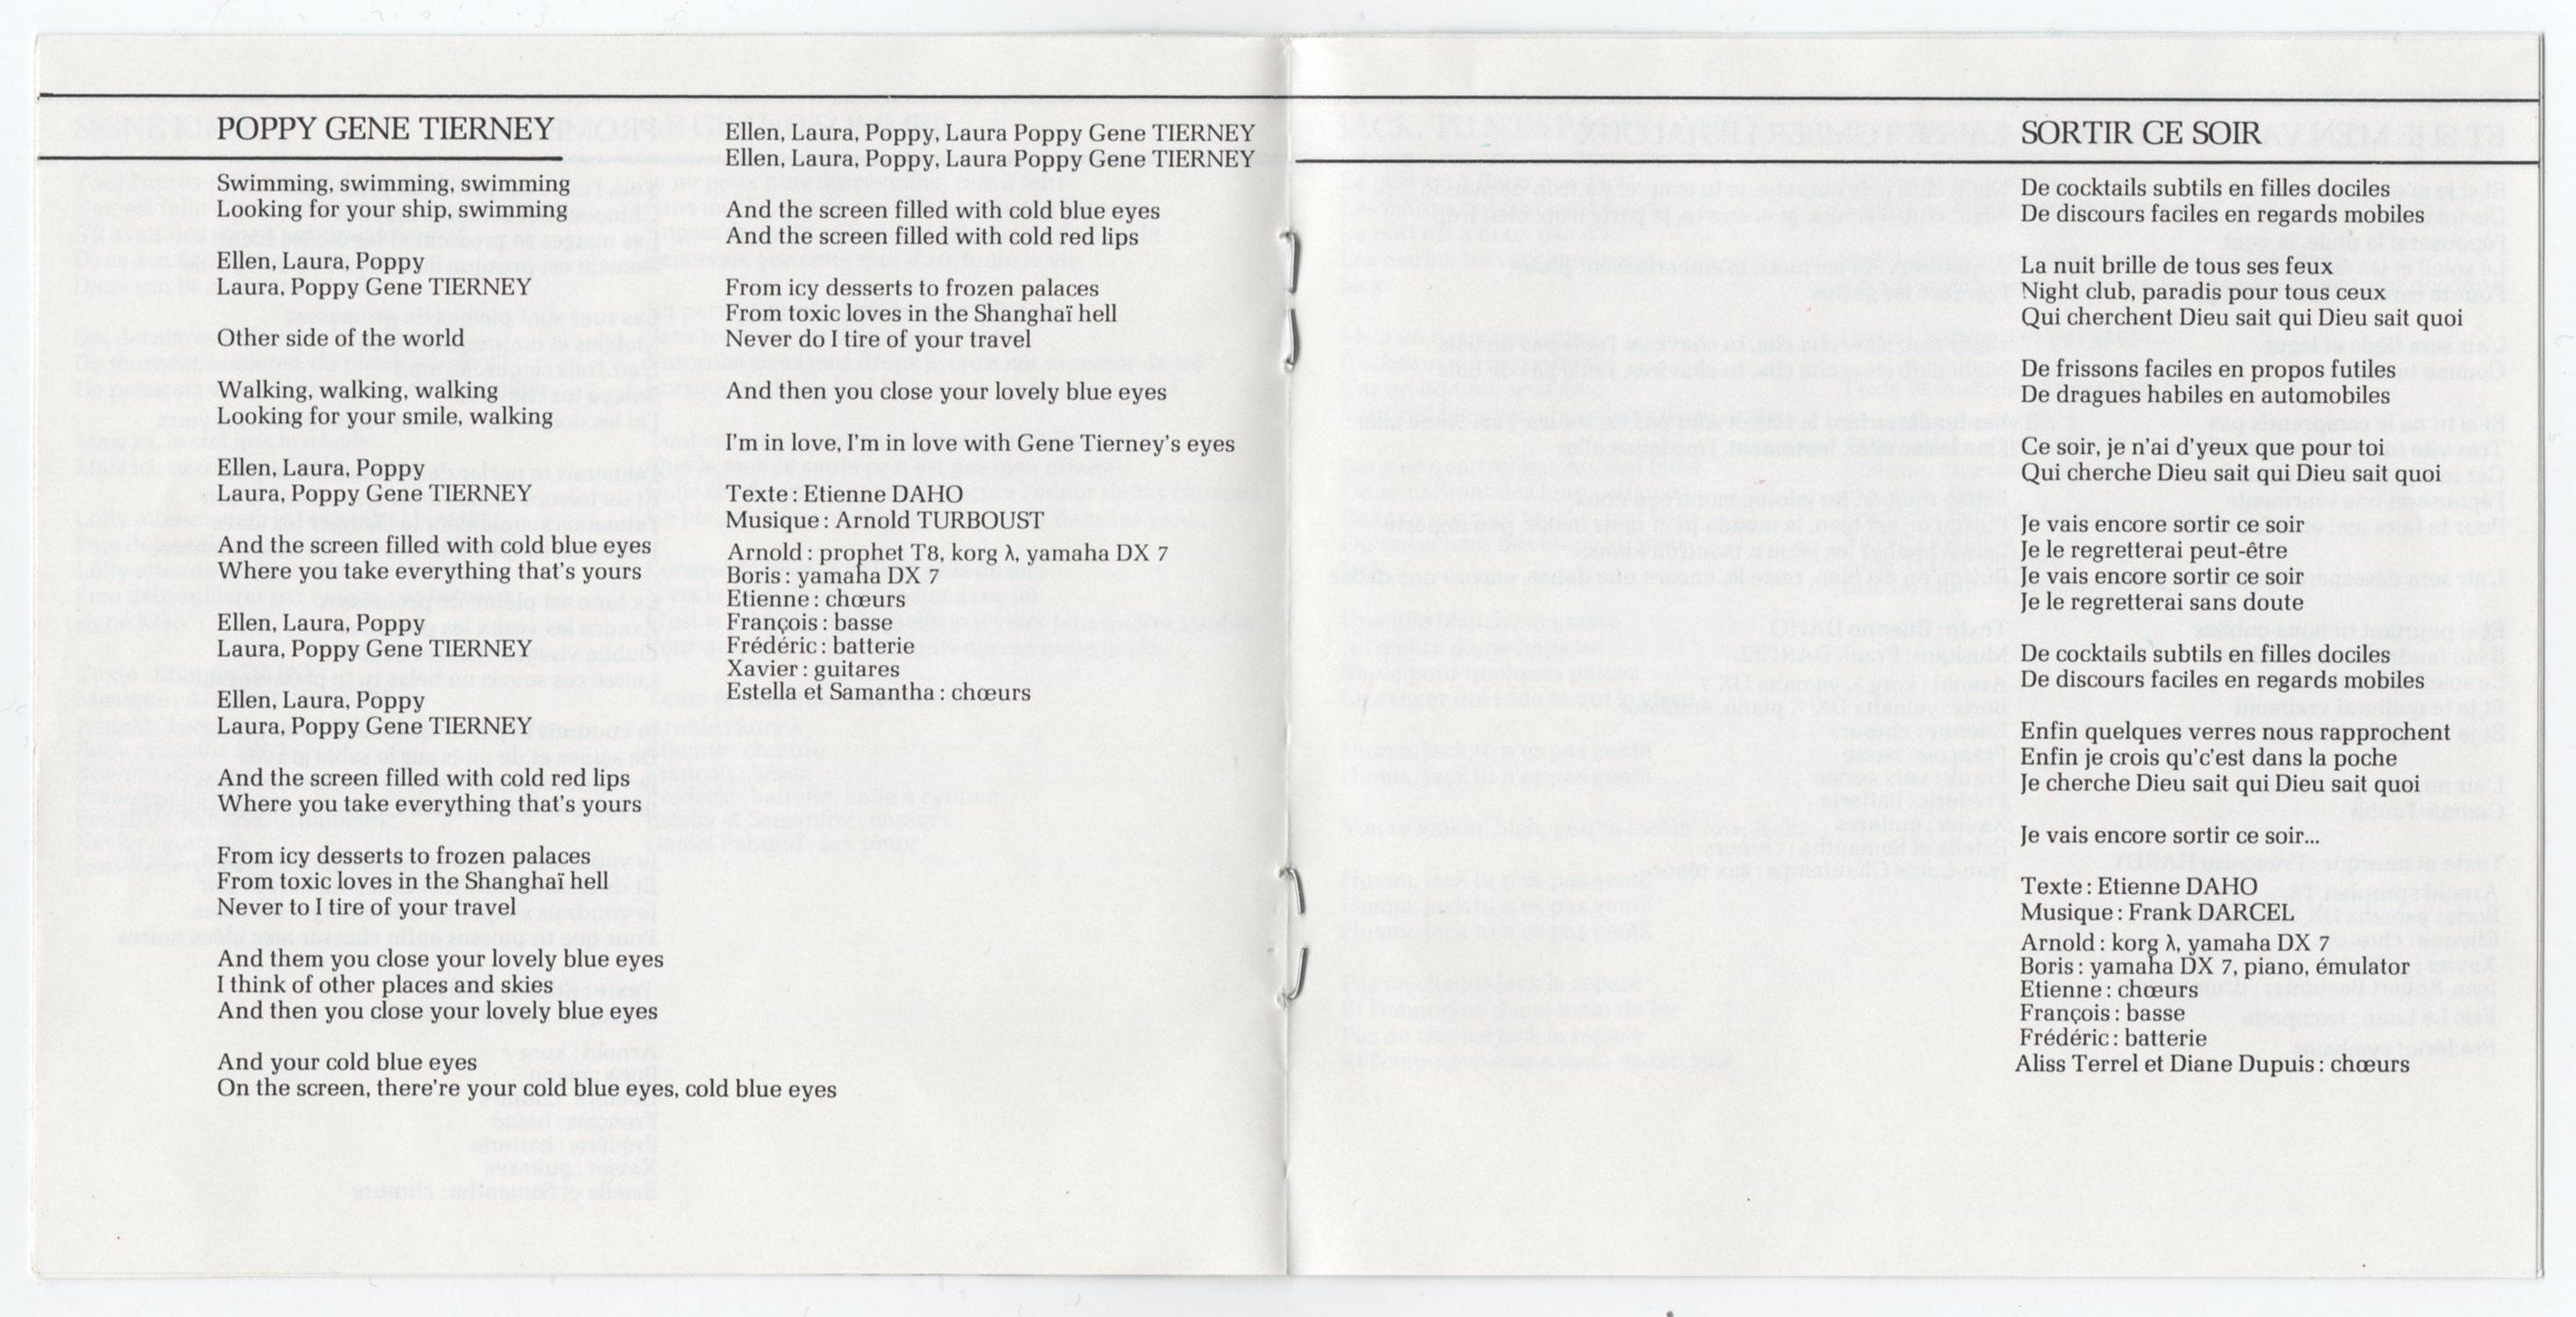 Livret intérieur, page 6-7